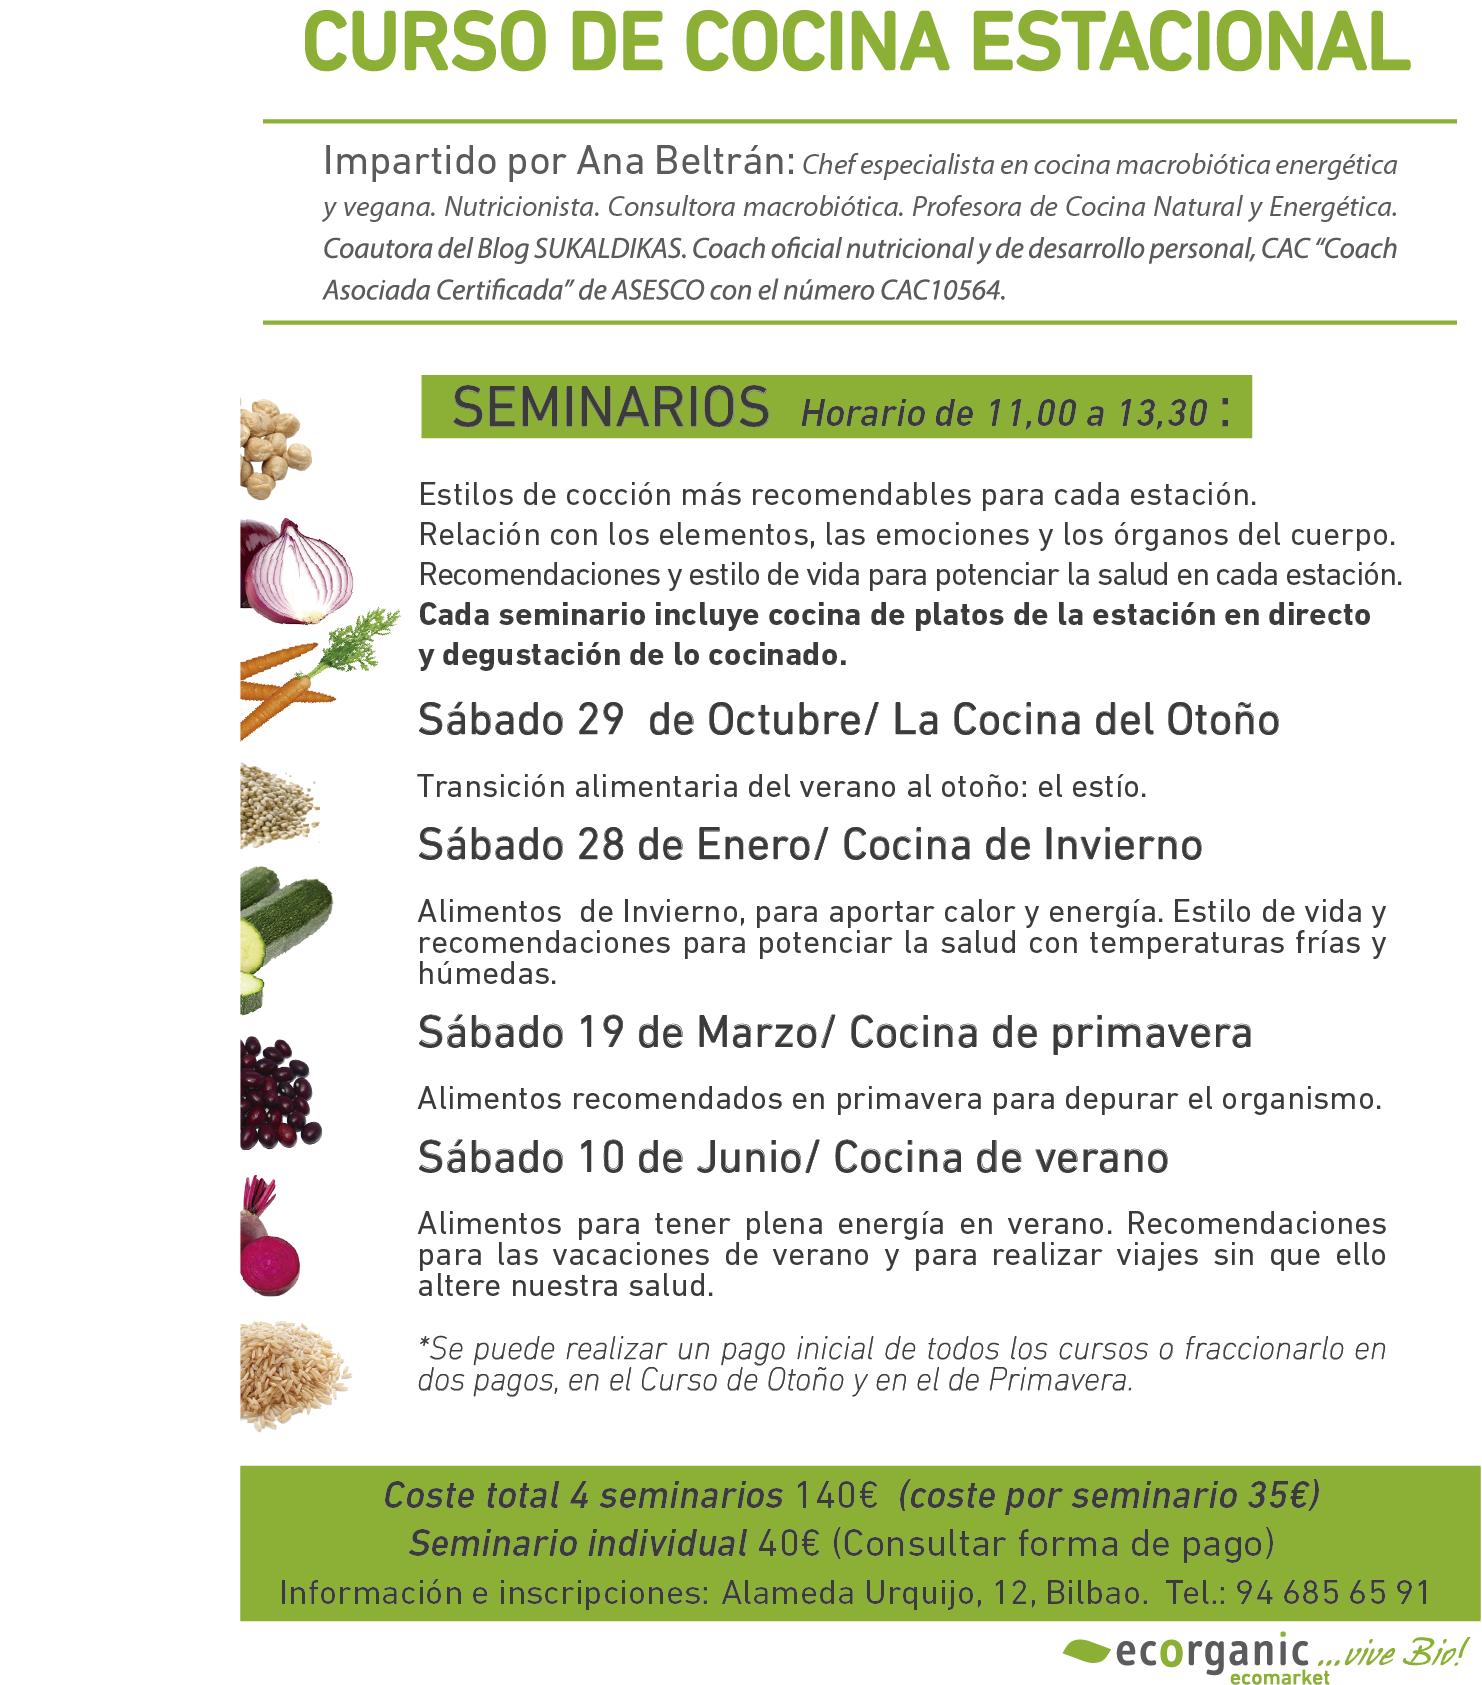 Bilbao taller de ayurveda ecorganic - Cursos de cocina bilbao ...